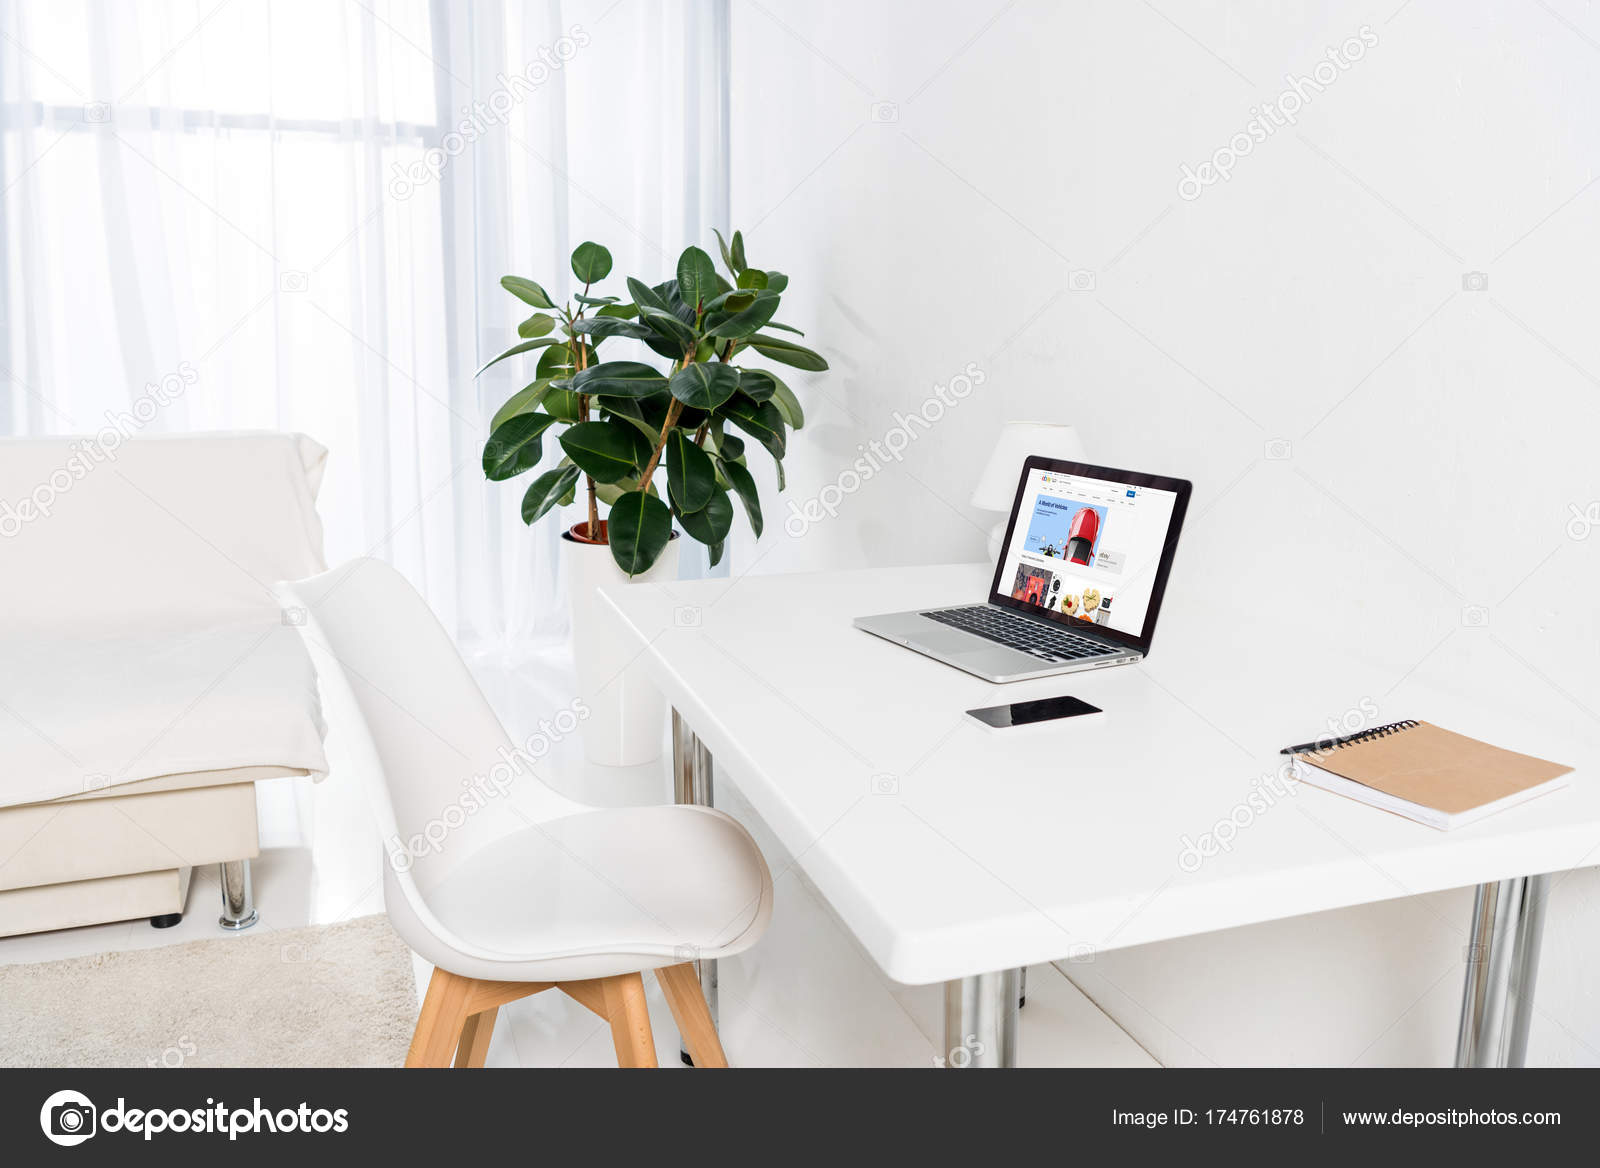 Laptop Mit Ebay Logo Smartphone Und Notebook Auf Tisch Wohnzimmer